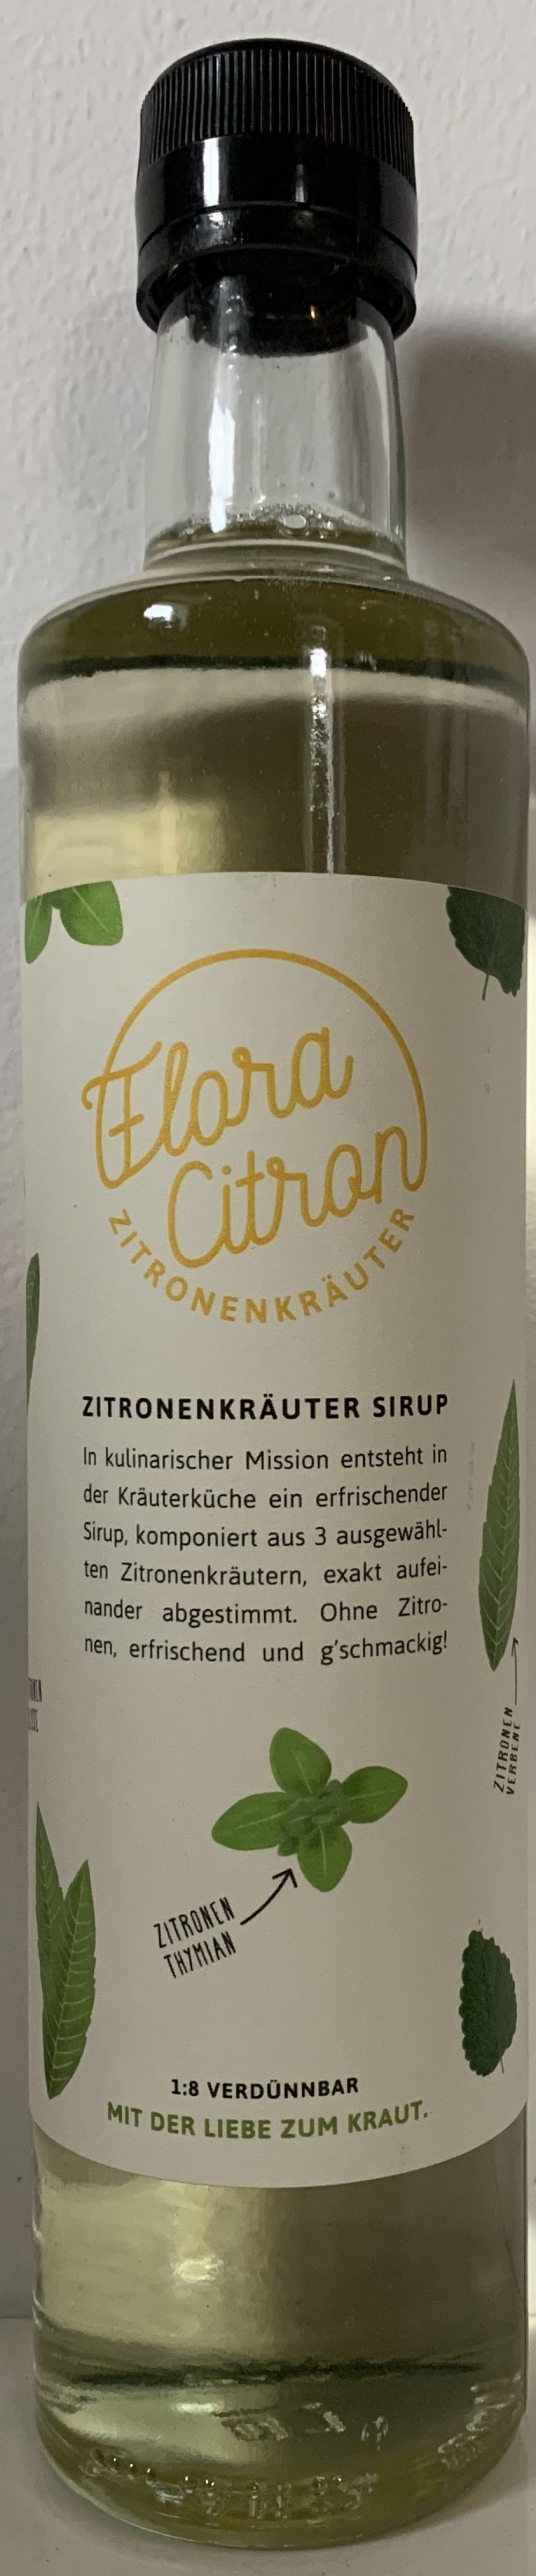 Zitronenkräuter Sirup